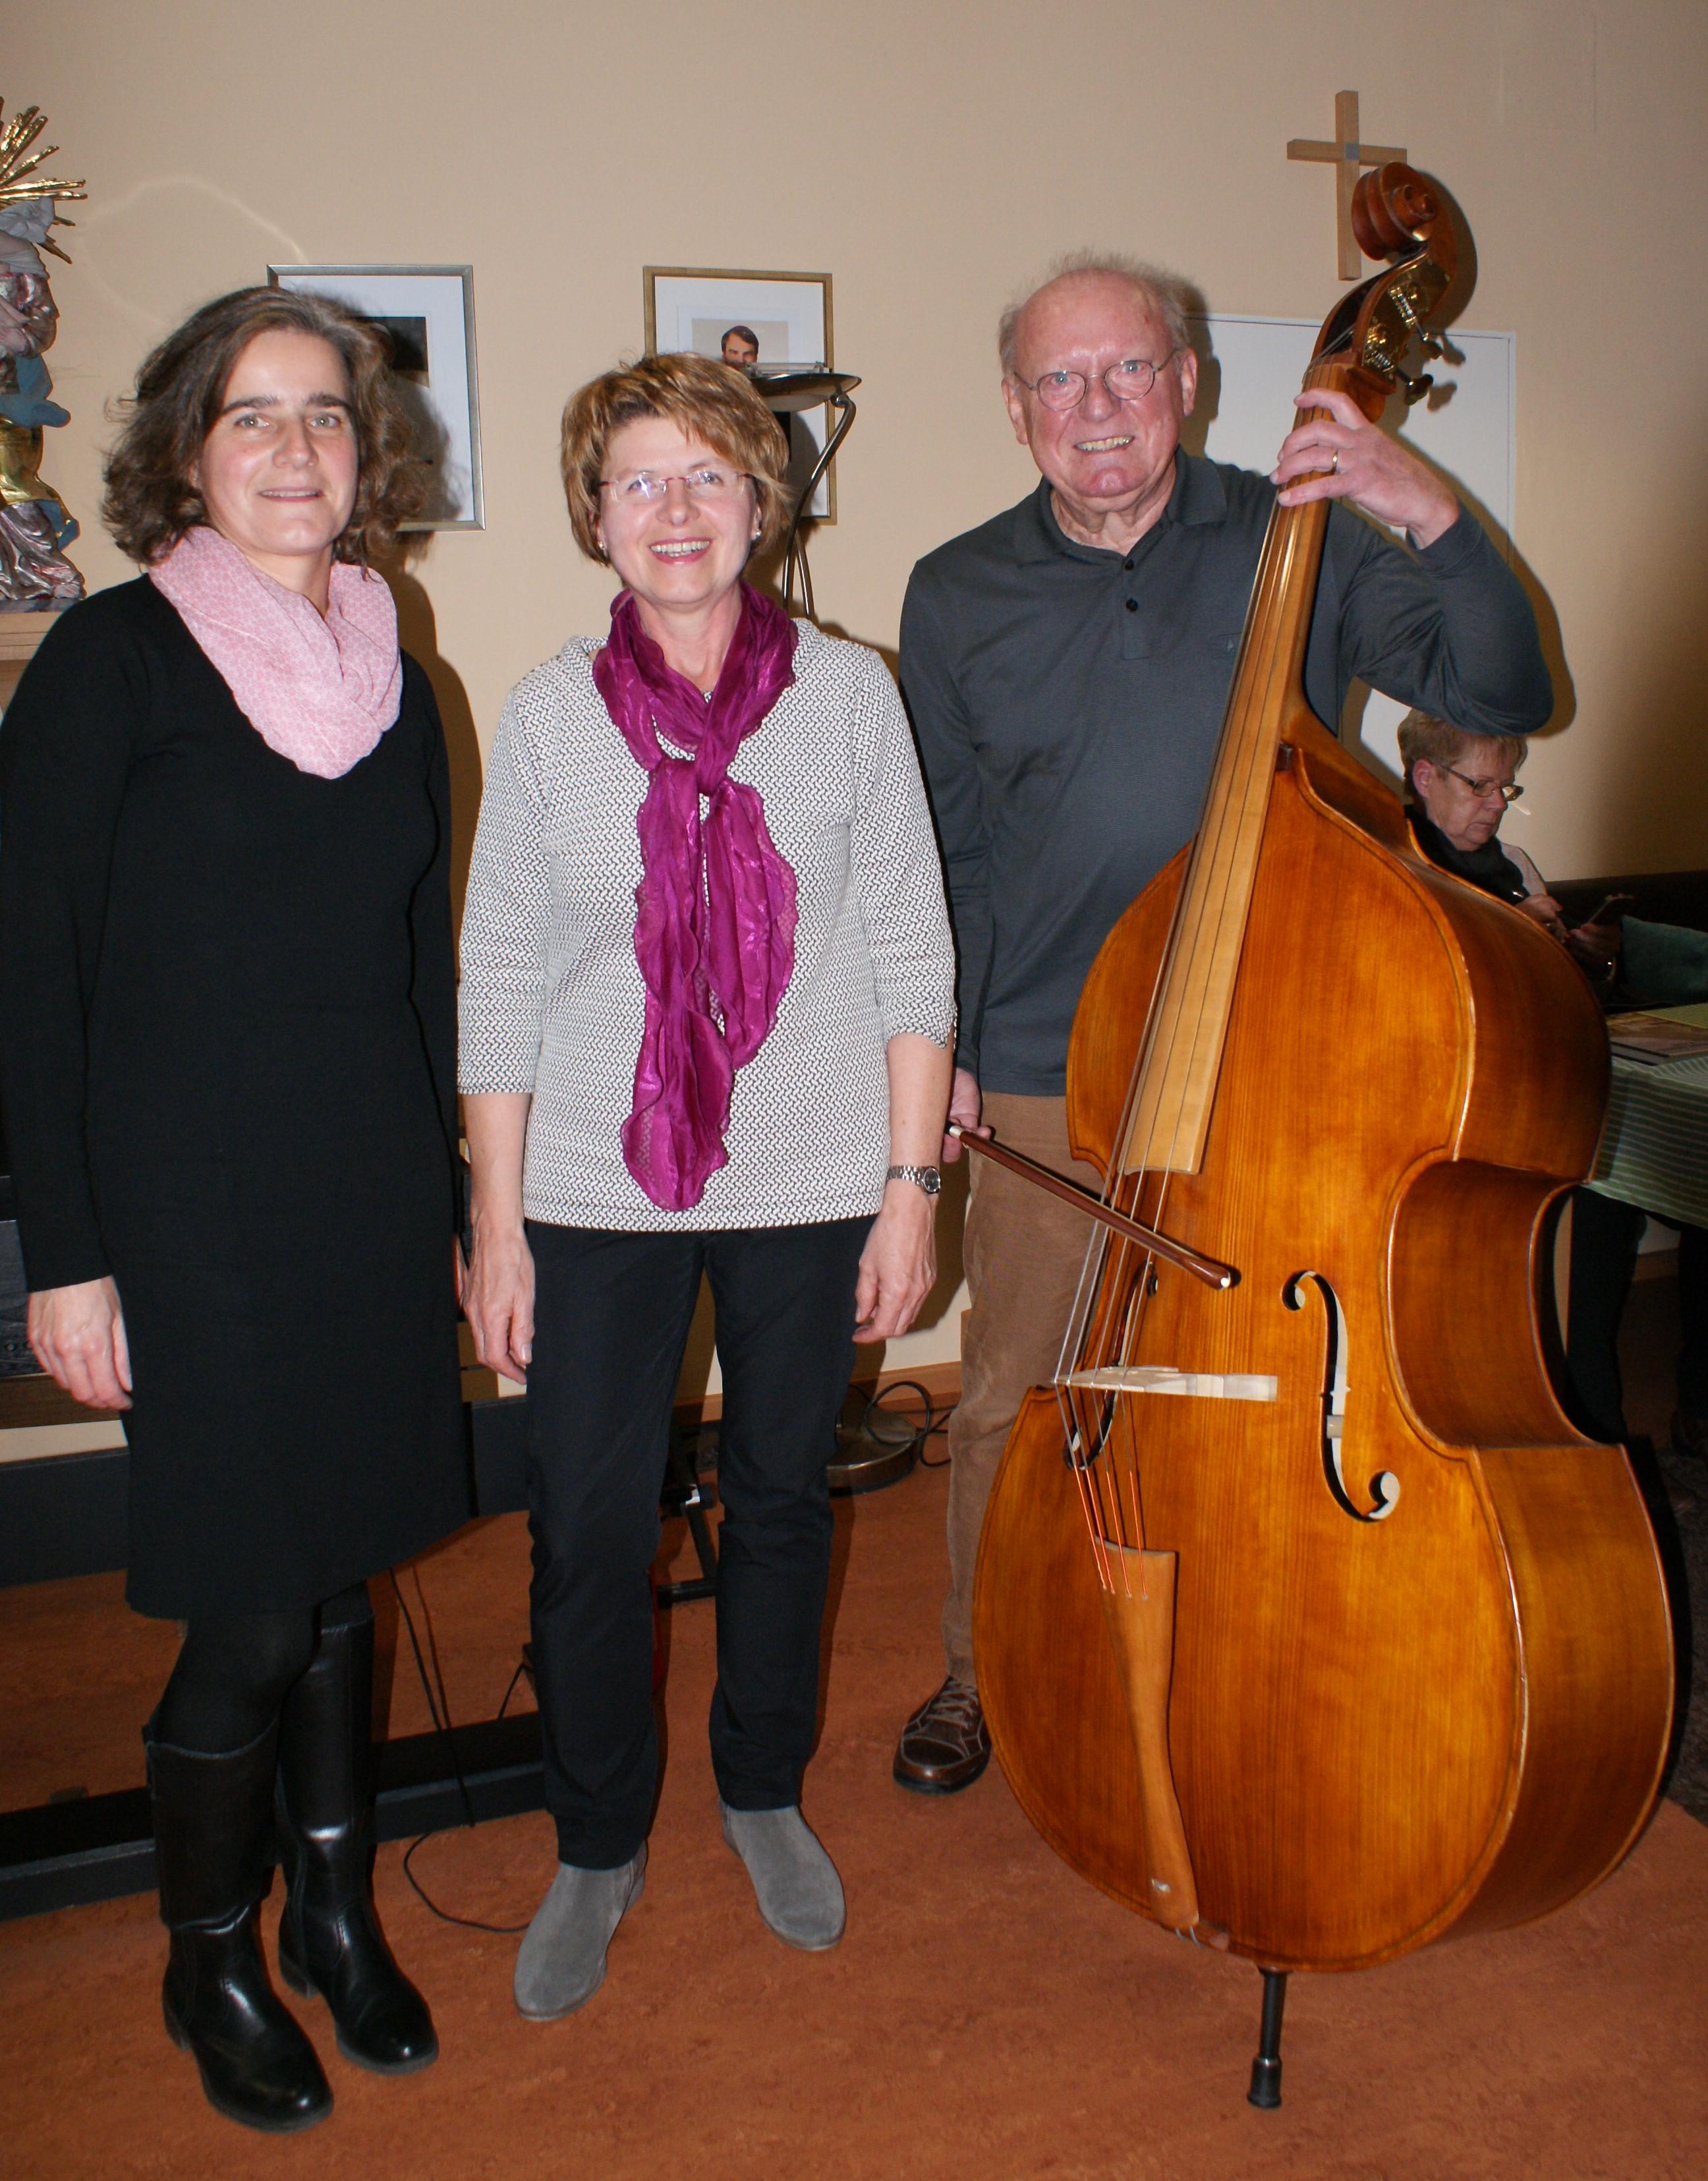 Seniorentreff-Leiterin Gertraud Reichart (Mitte) sorgte zusammen mit Gabriele Drexler und Georg Jedersberger für eine sehr gelungene Veranstaltung (Foto: Krenn)